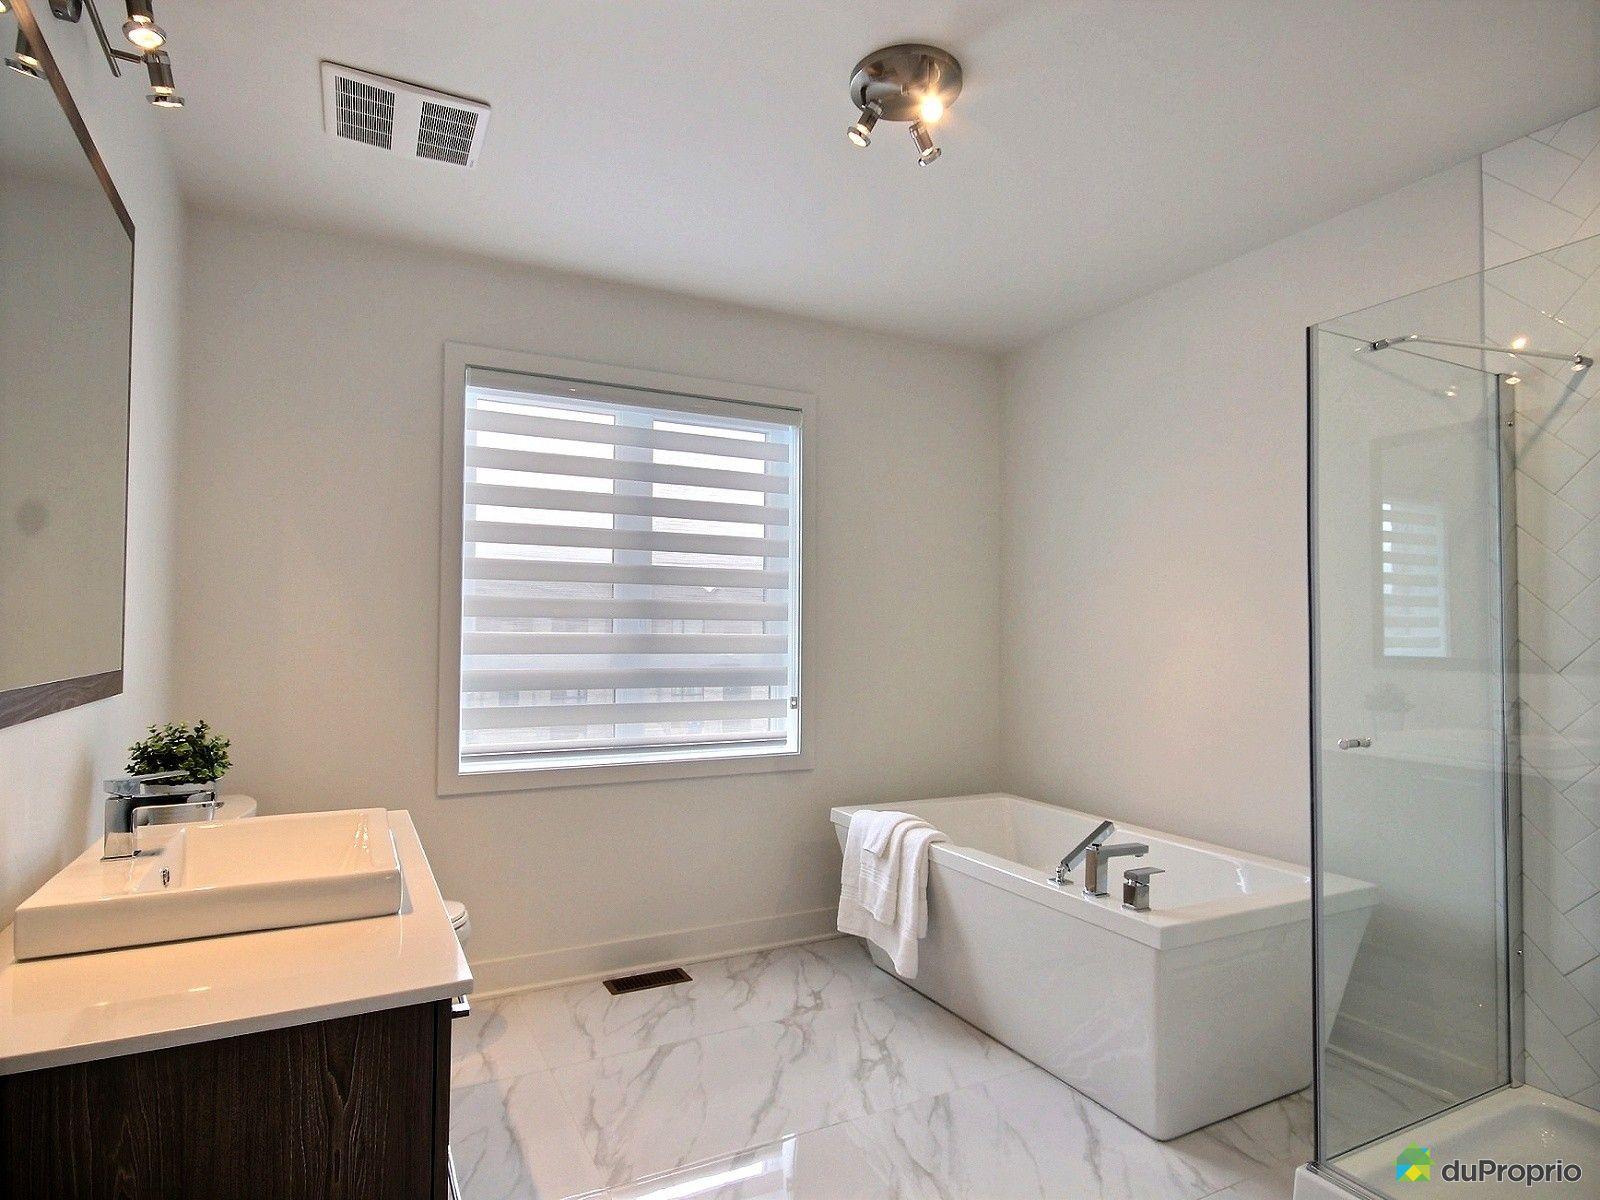 salle-de-bain-jumele-chambly-1600-8294066